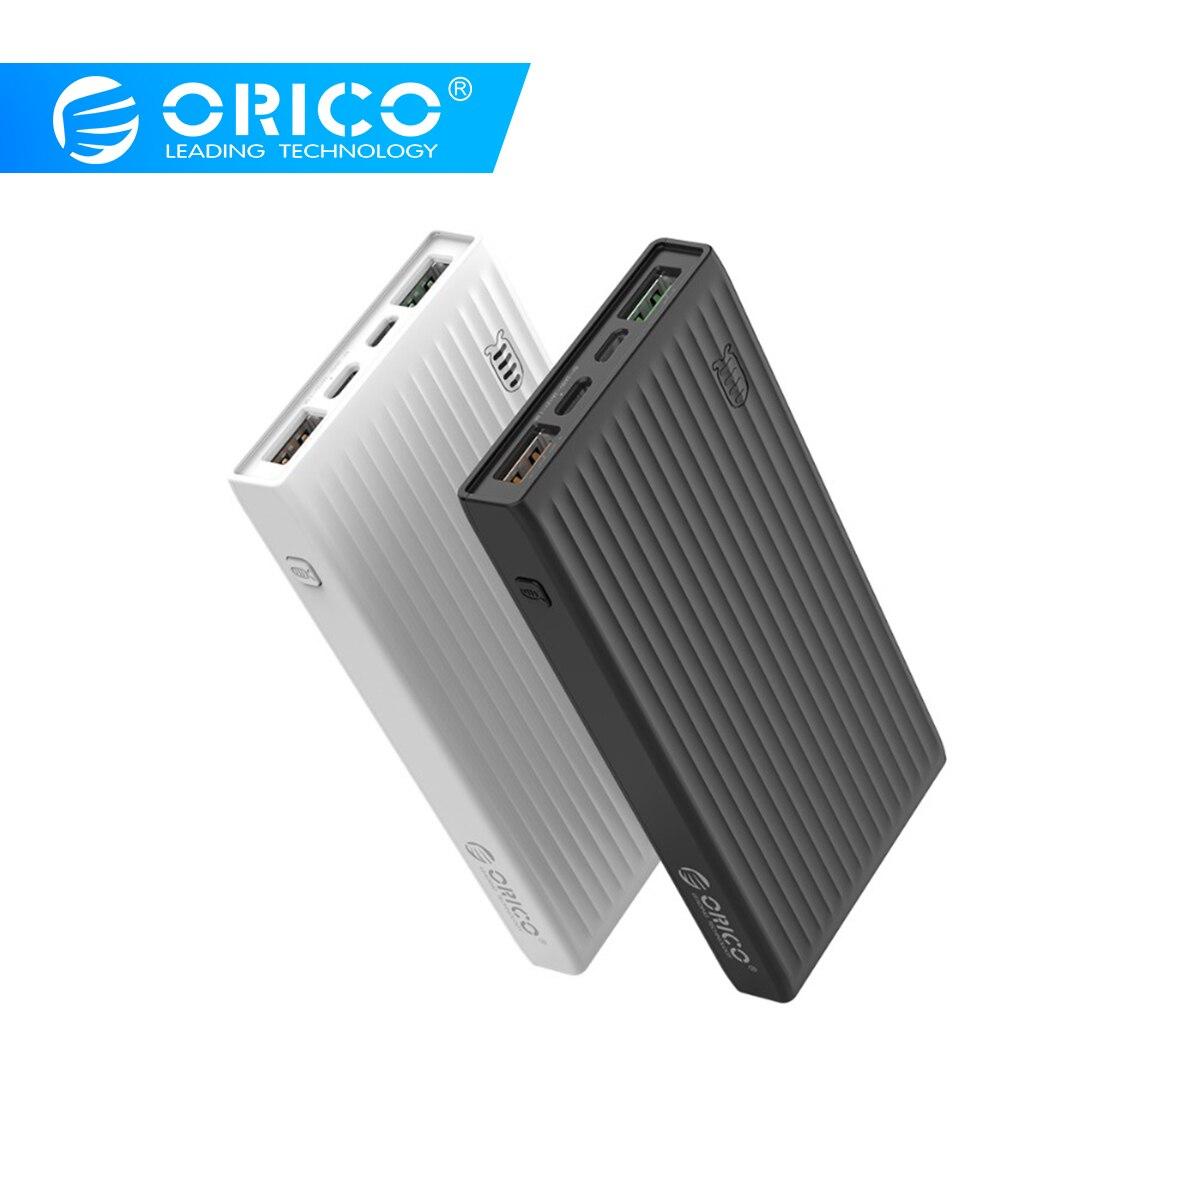 ORICO 20000 mAh batterie portative universelle QC3.0 Charge rapide double voie Powerbank téléphone externe batterie de secours Charge pour iPhone Huawei